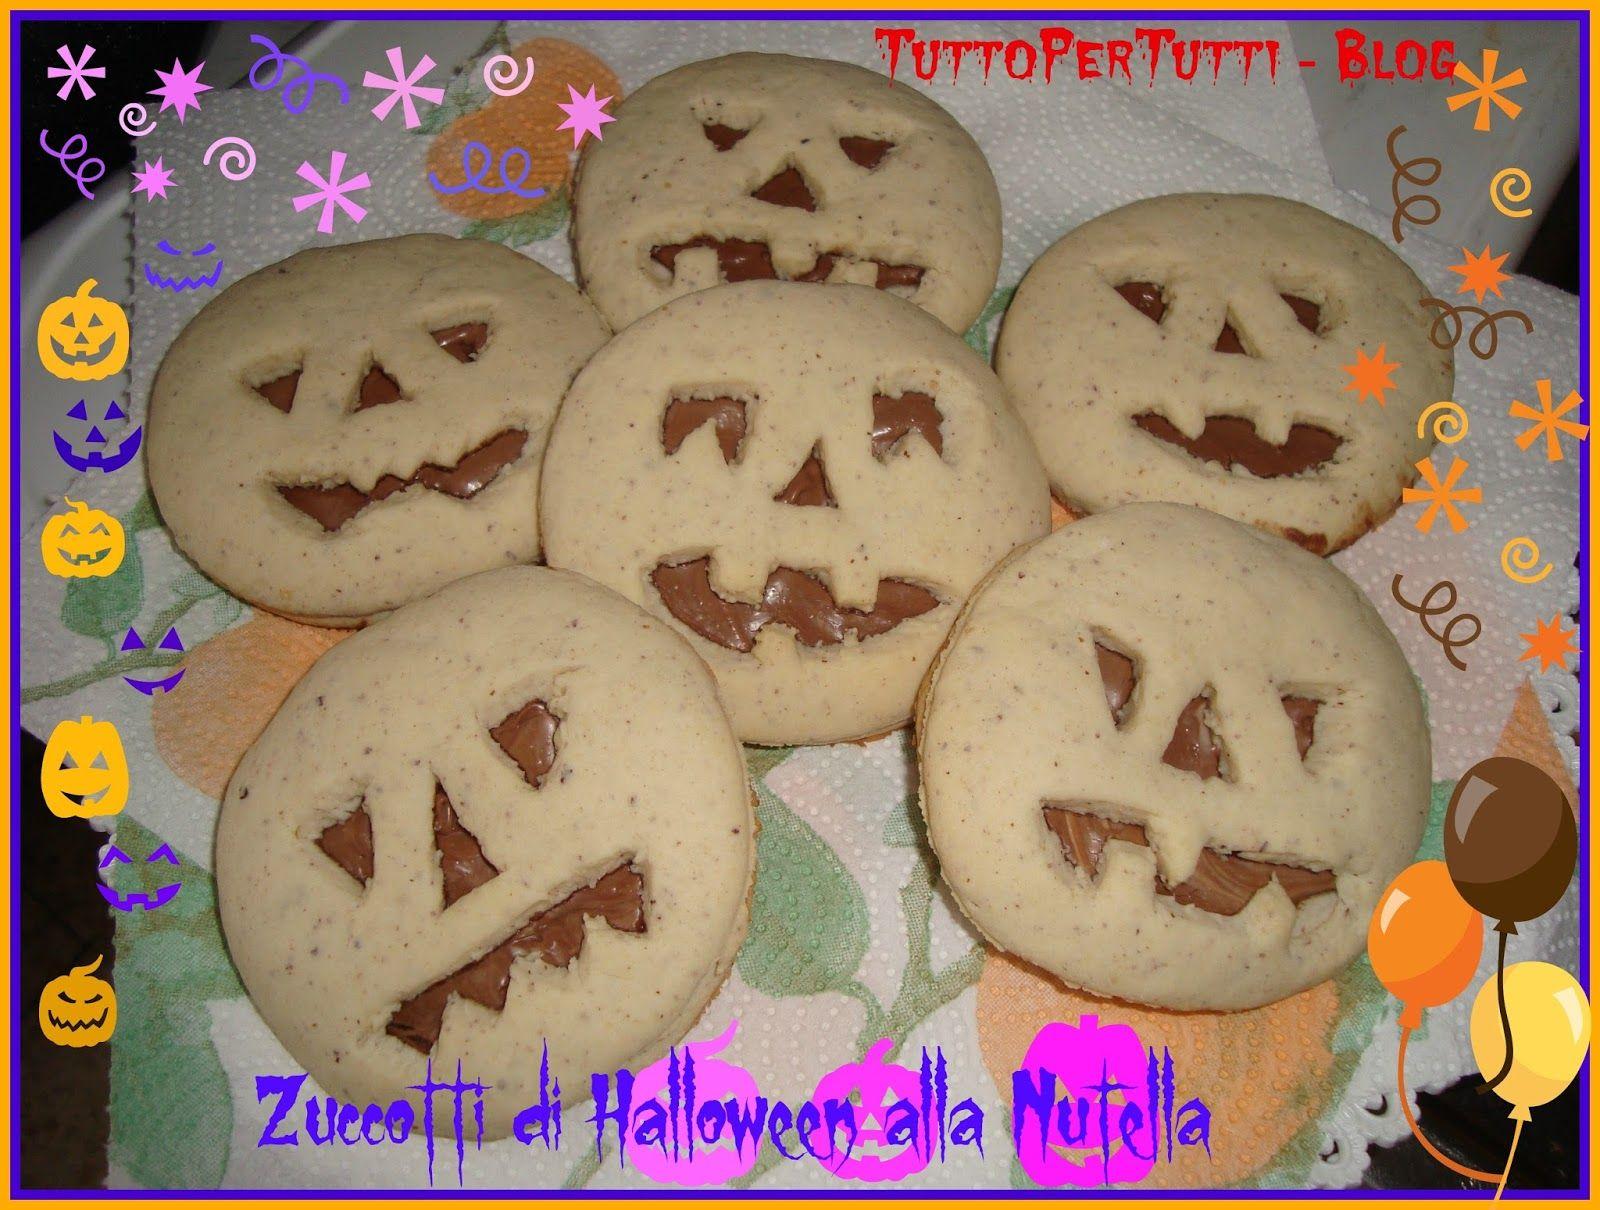 ZUCCOTTI ALLA NUTELLA Speciale Halloween Nutella